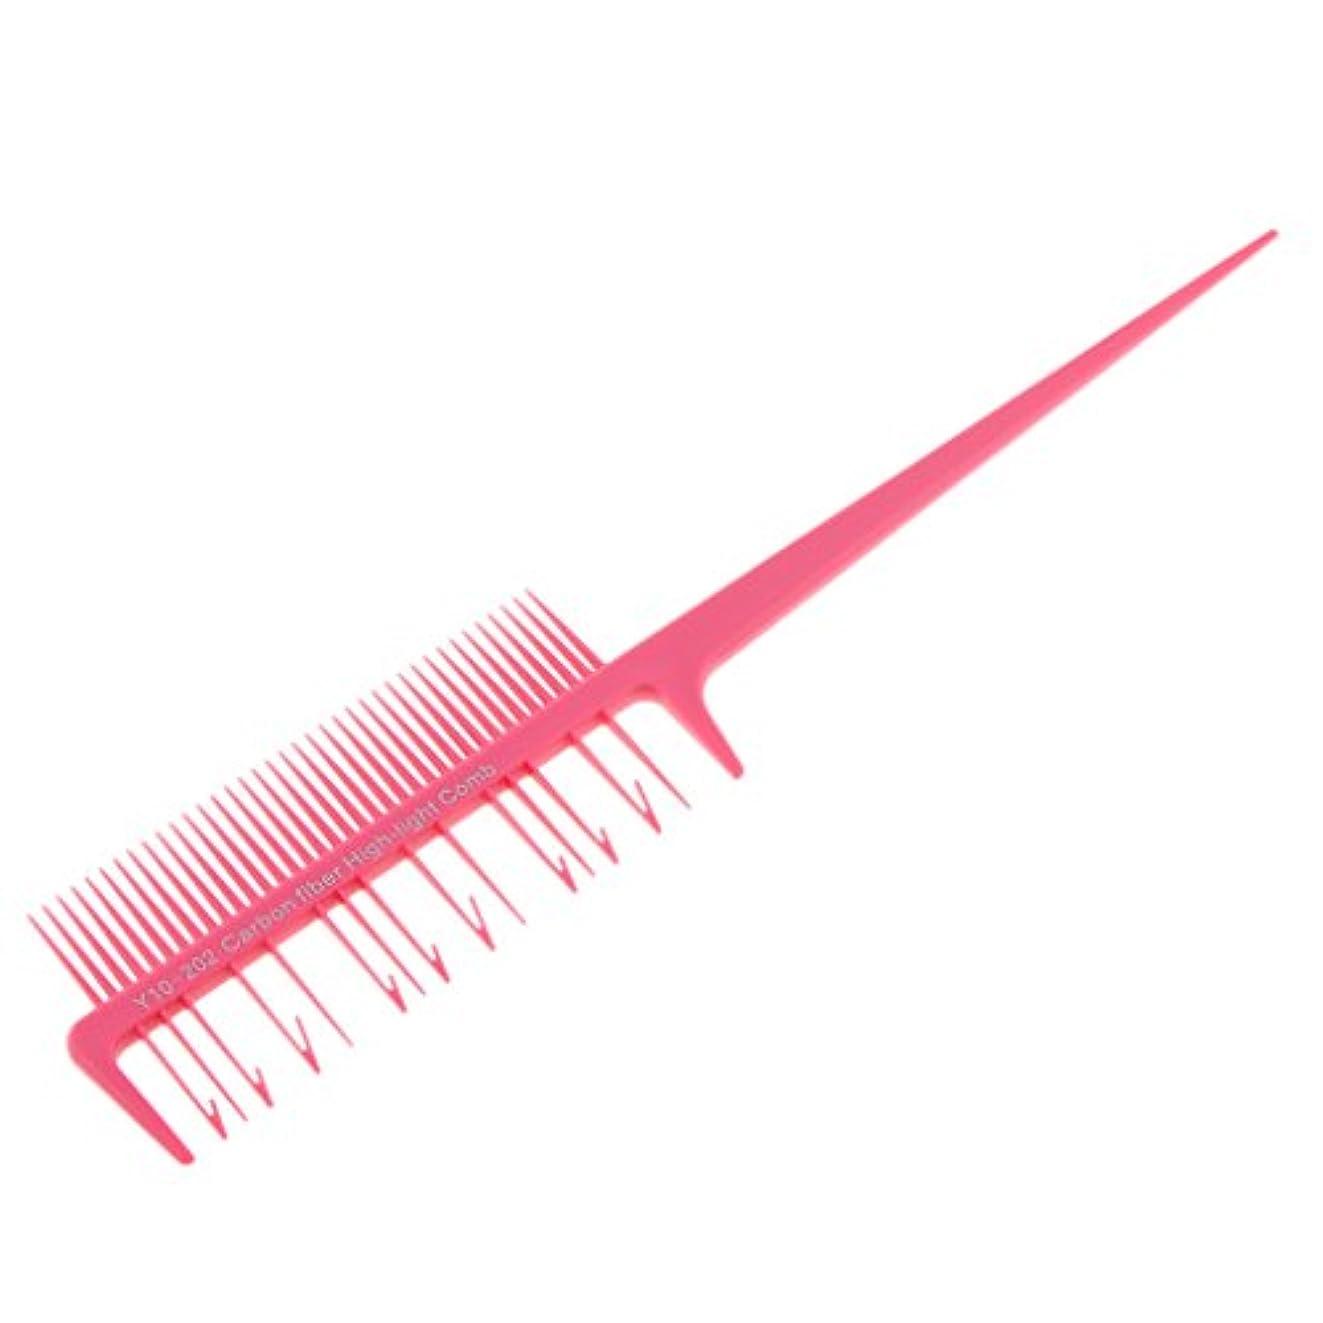 説明的探すロッジSM SunniMix ヘアダイ ブラシ ヘアカラーブラシ ヘアコーム ヘアブラシ 櫛 髪染め 毛染め ツール 全4色選べる - ピンク, 説明したように